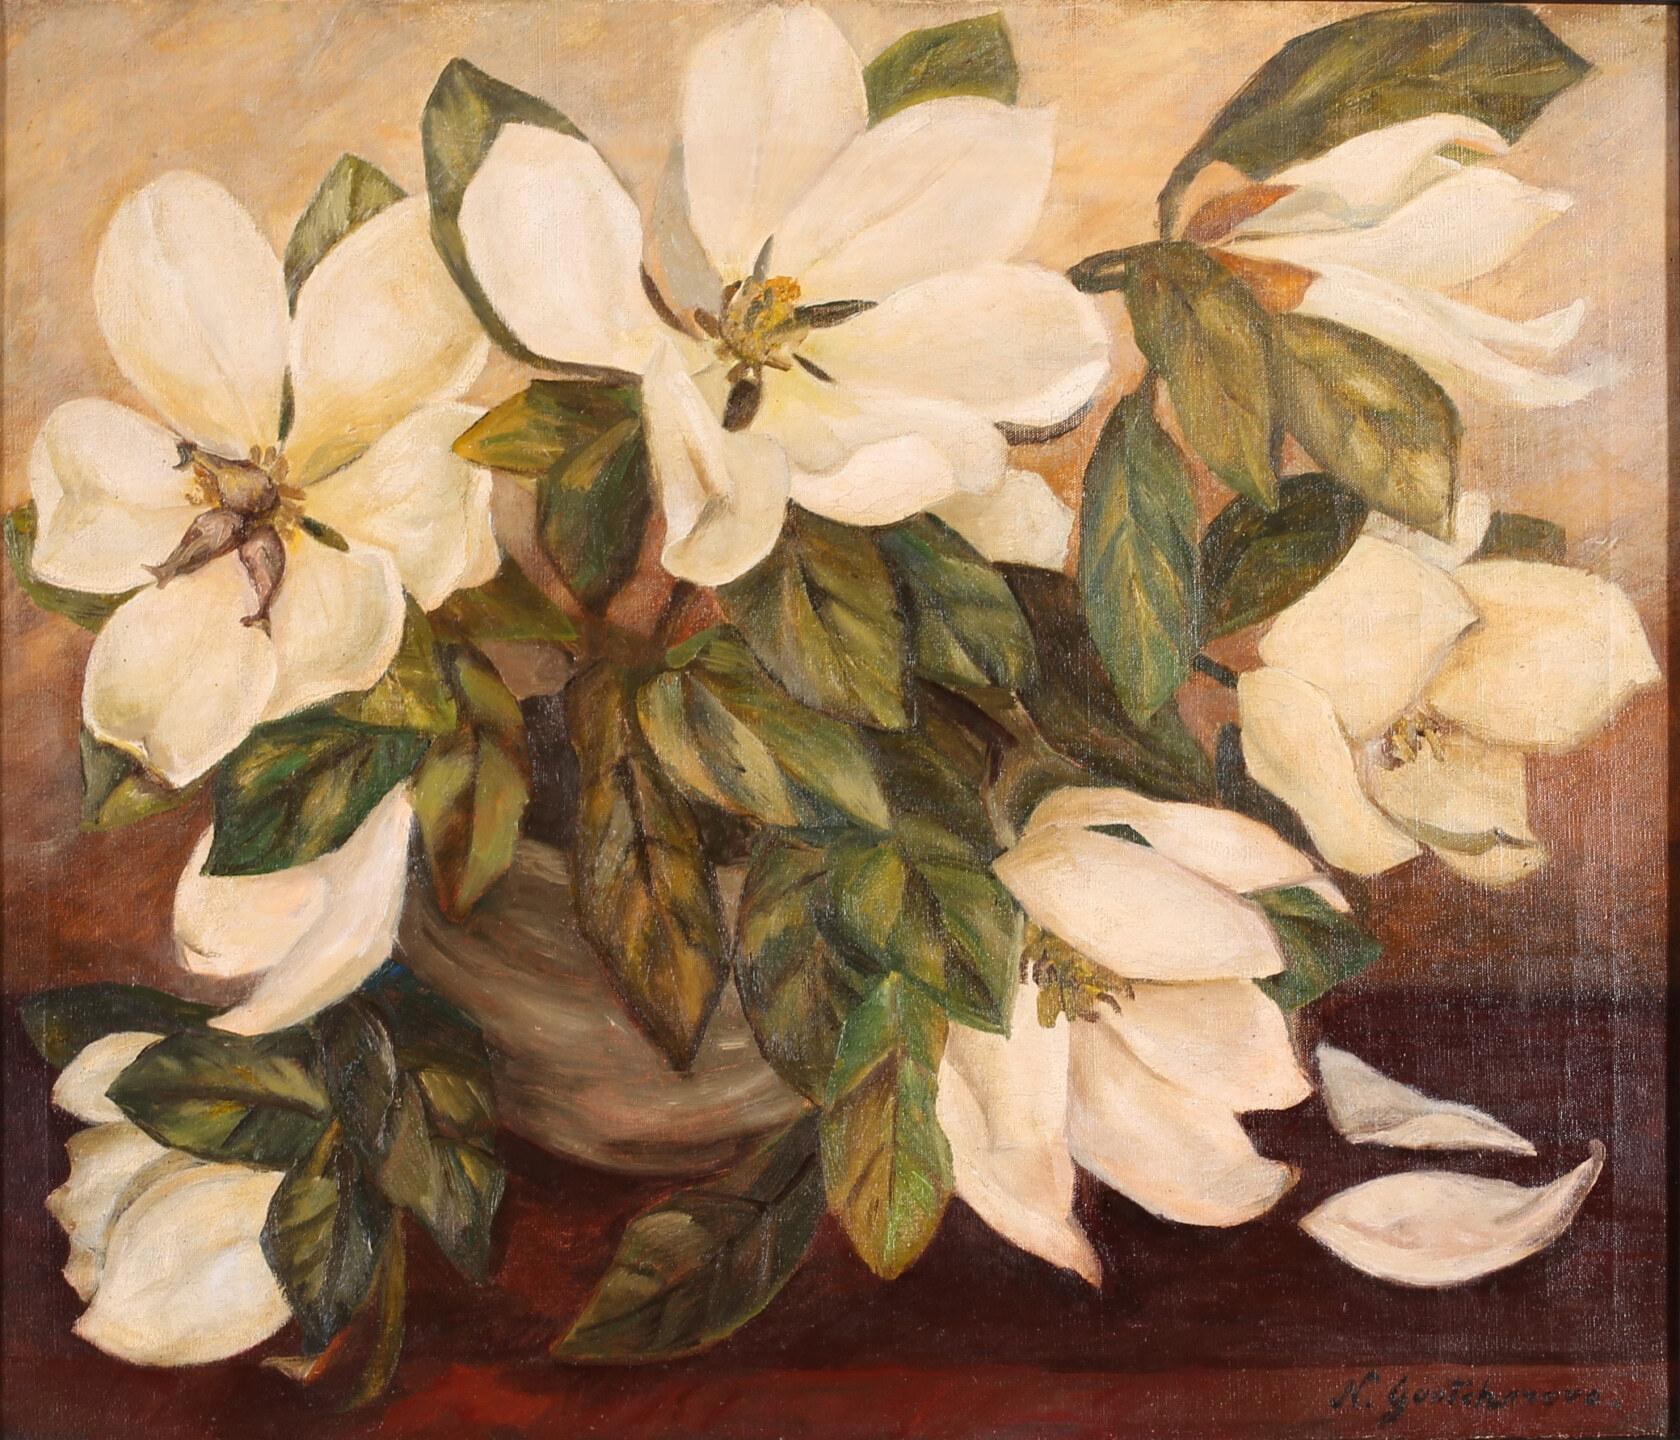 Гончарова Наталья Сергеевна (1881-1962) Букет белых магнолий. 1930-е